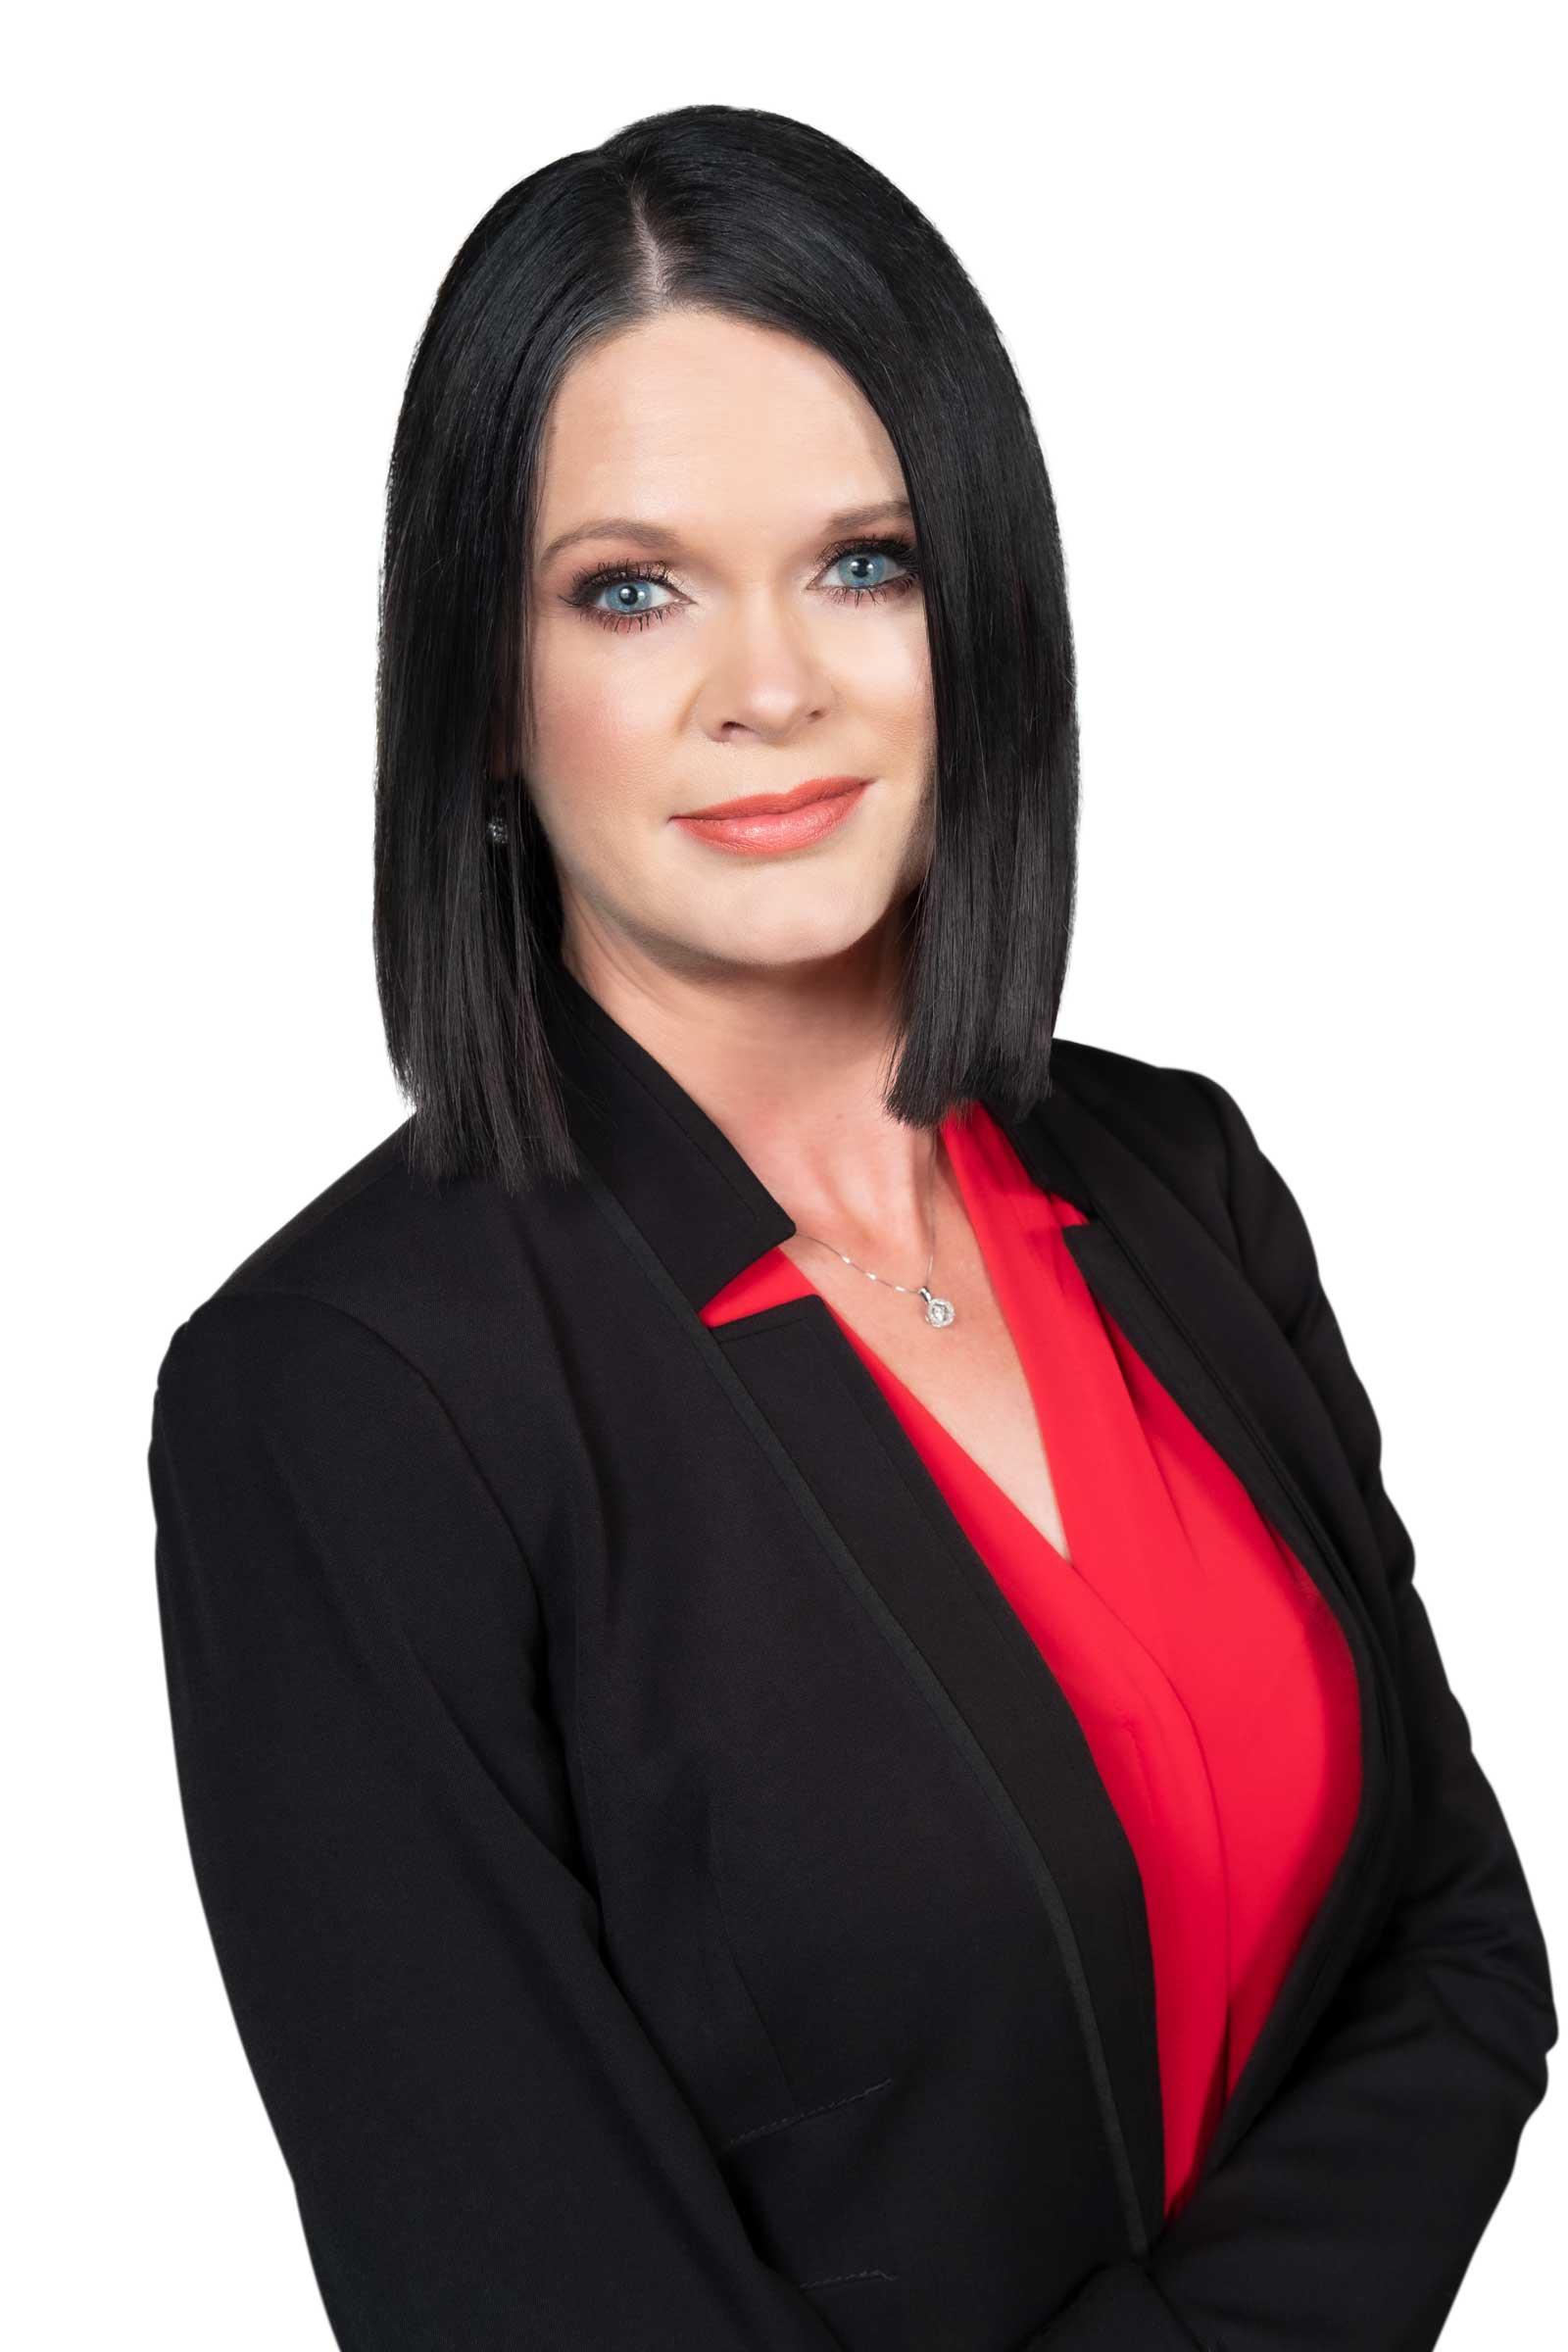 Photo of Debbie Richards